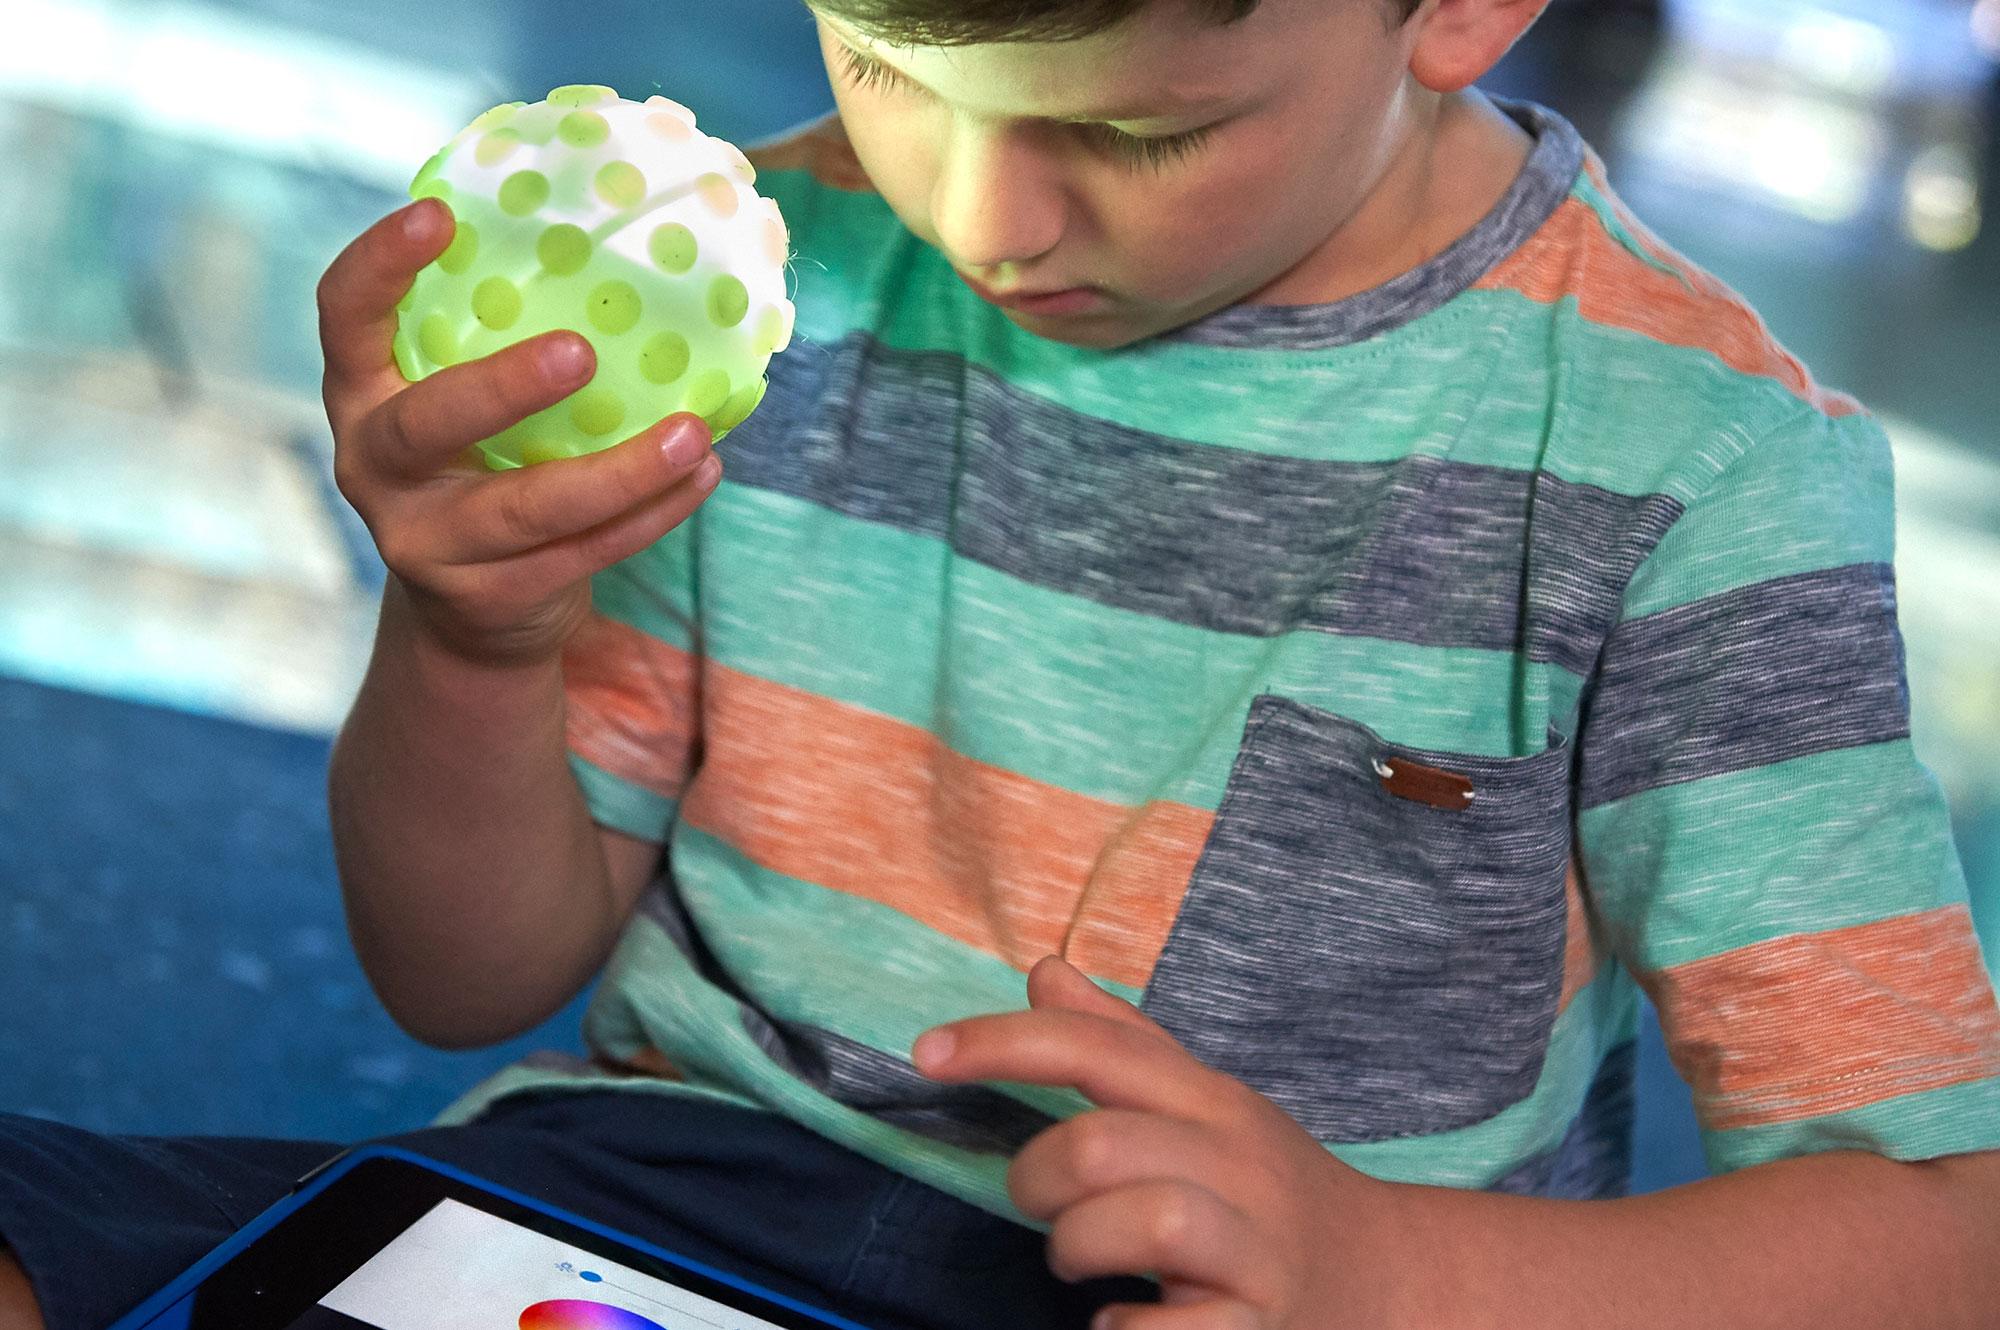 Child with Sphero robot